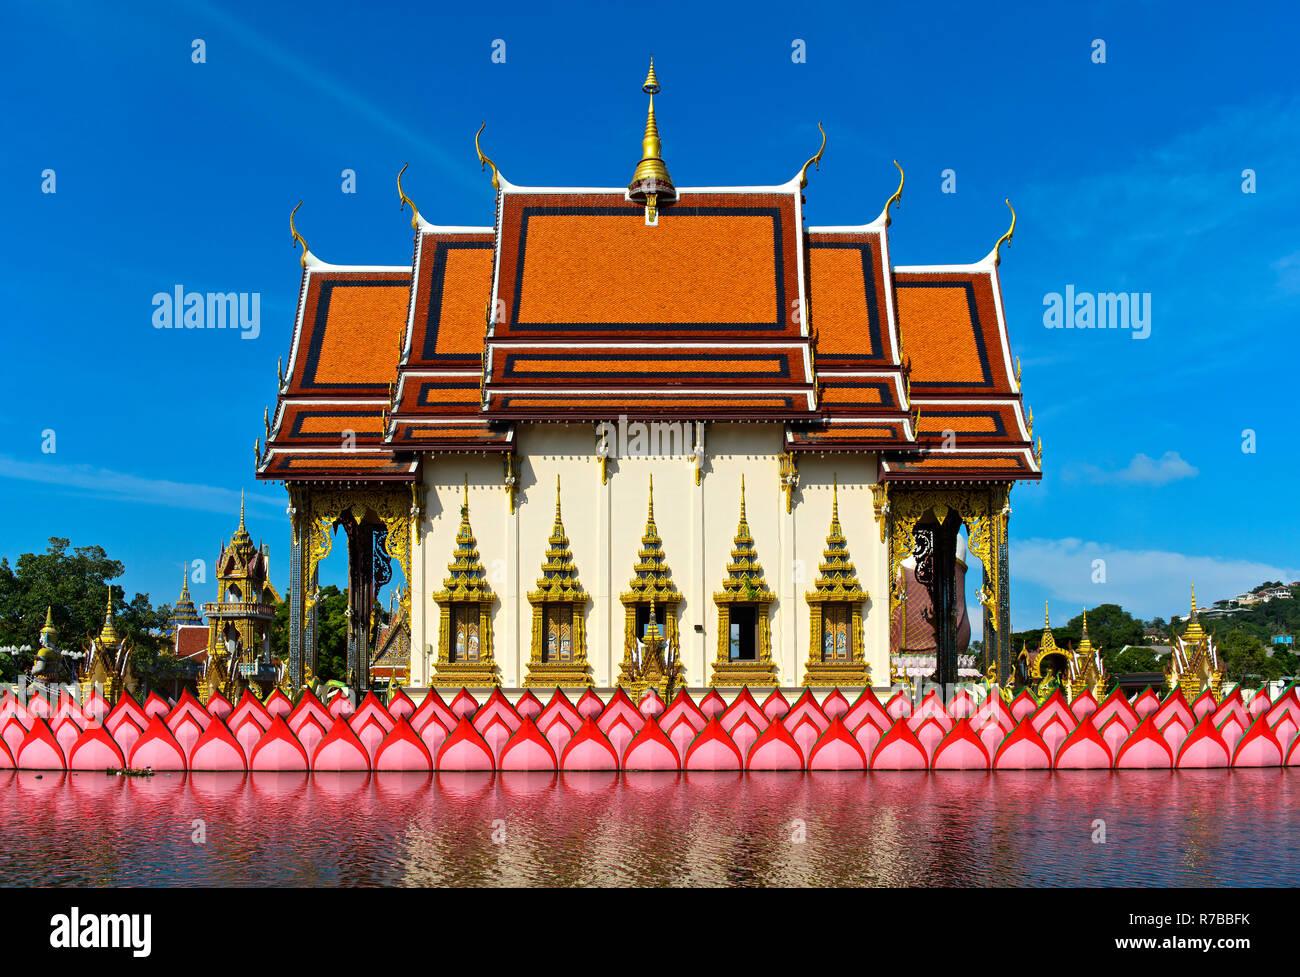 Suwannaram Temple, Wat Plai Laem, Koh Samui, Thailand Stock Photo